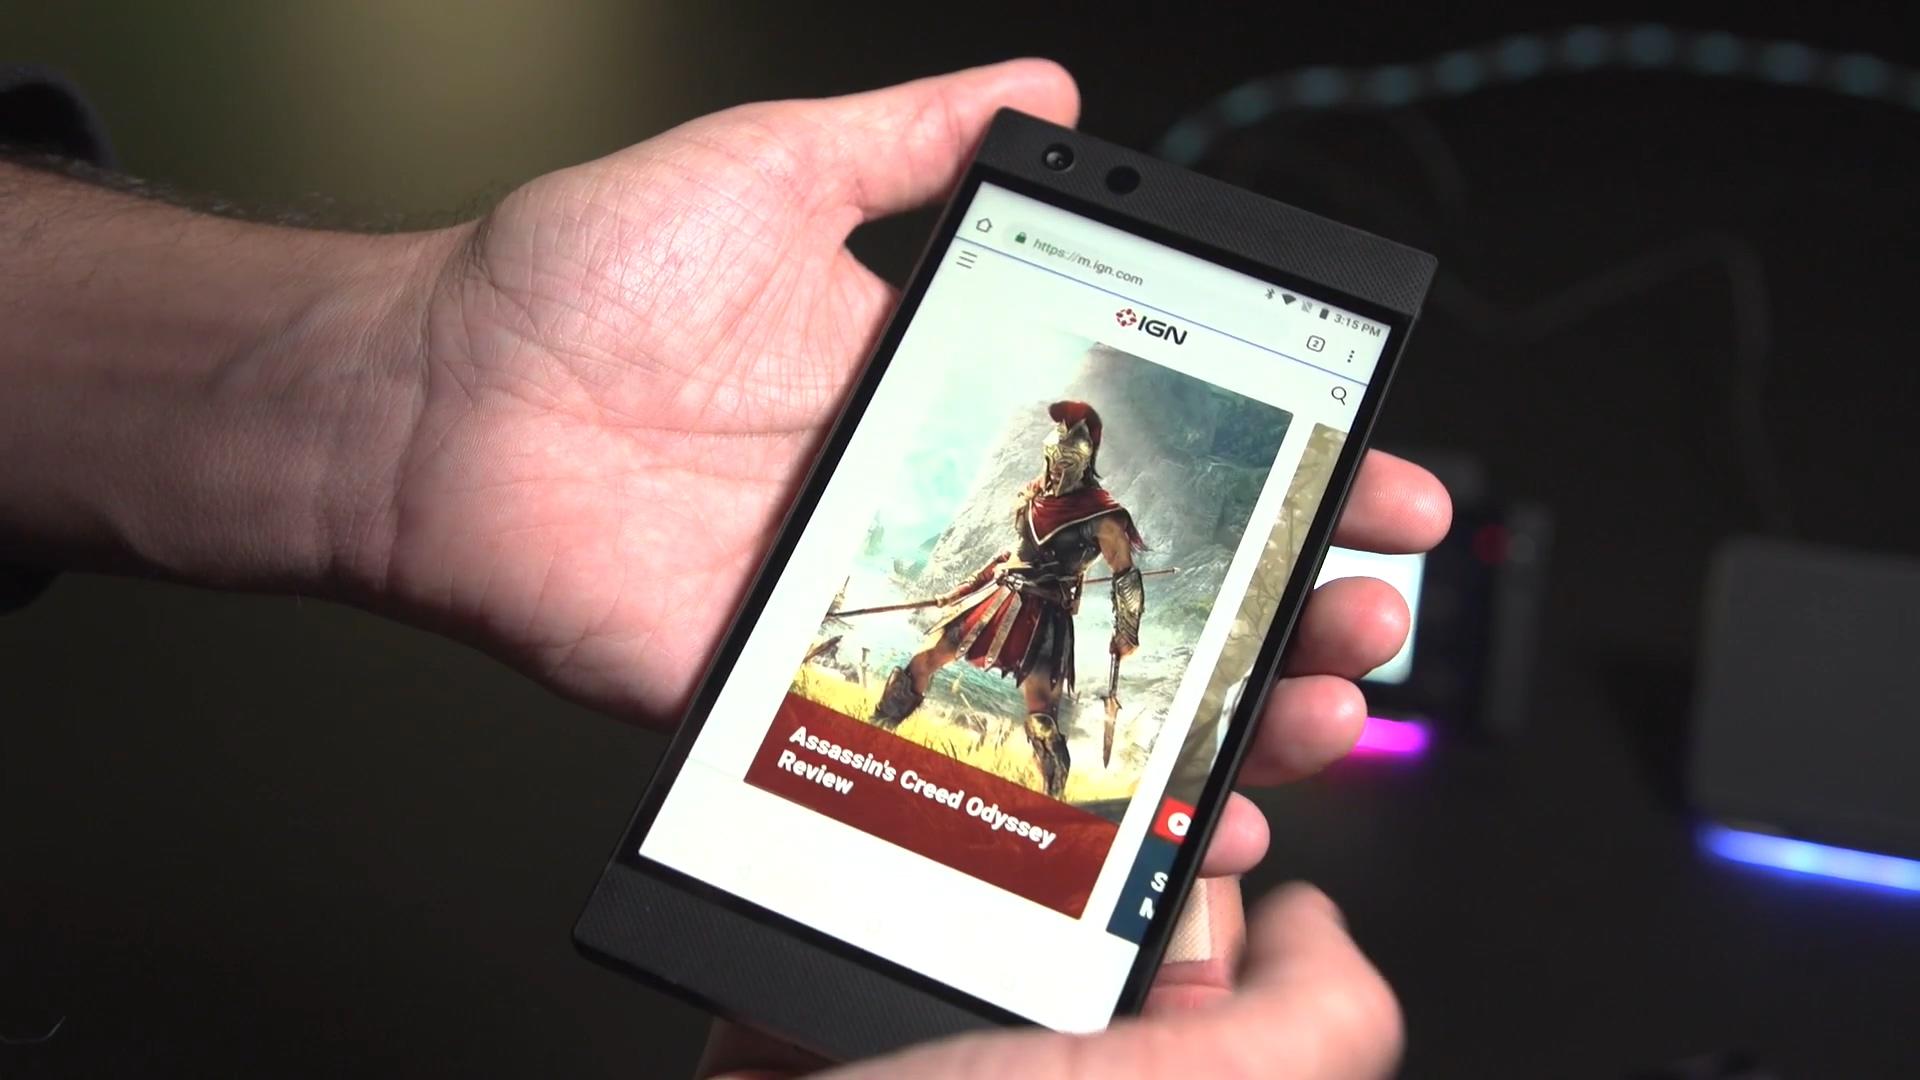 雷蛇手机2上手视频:酷炫RGB灯效、游戏顺滑